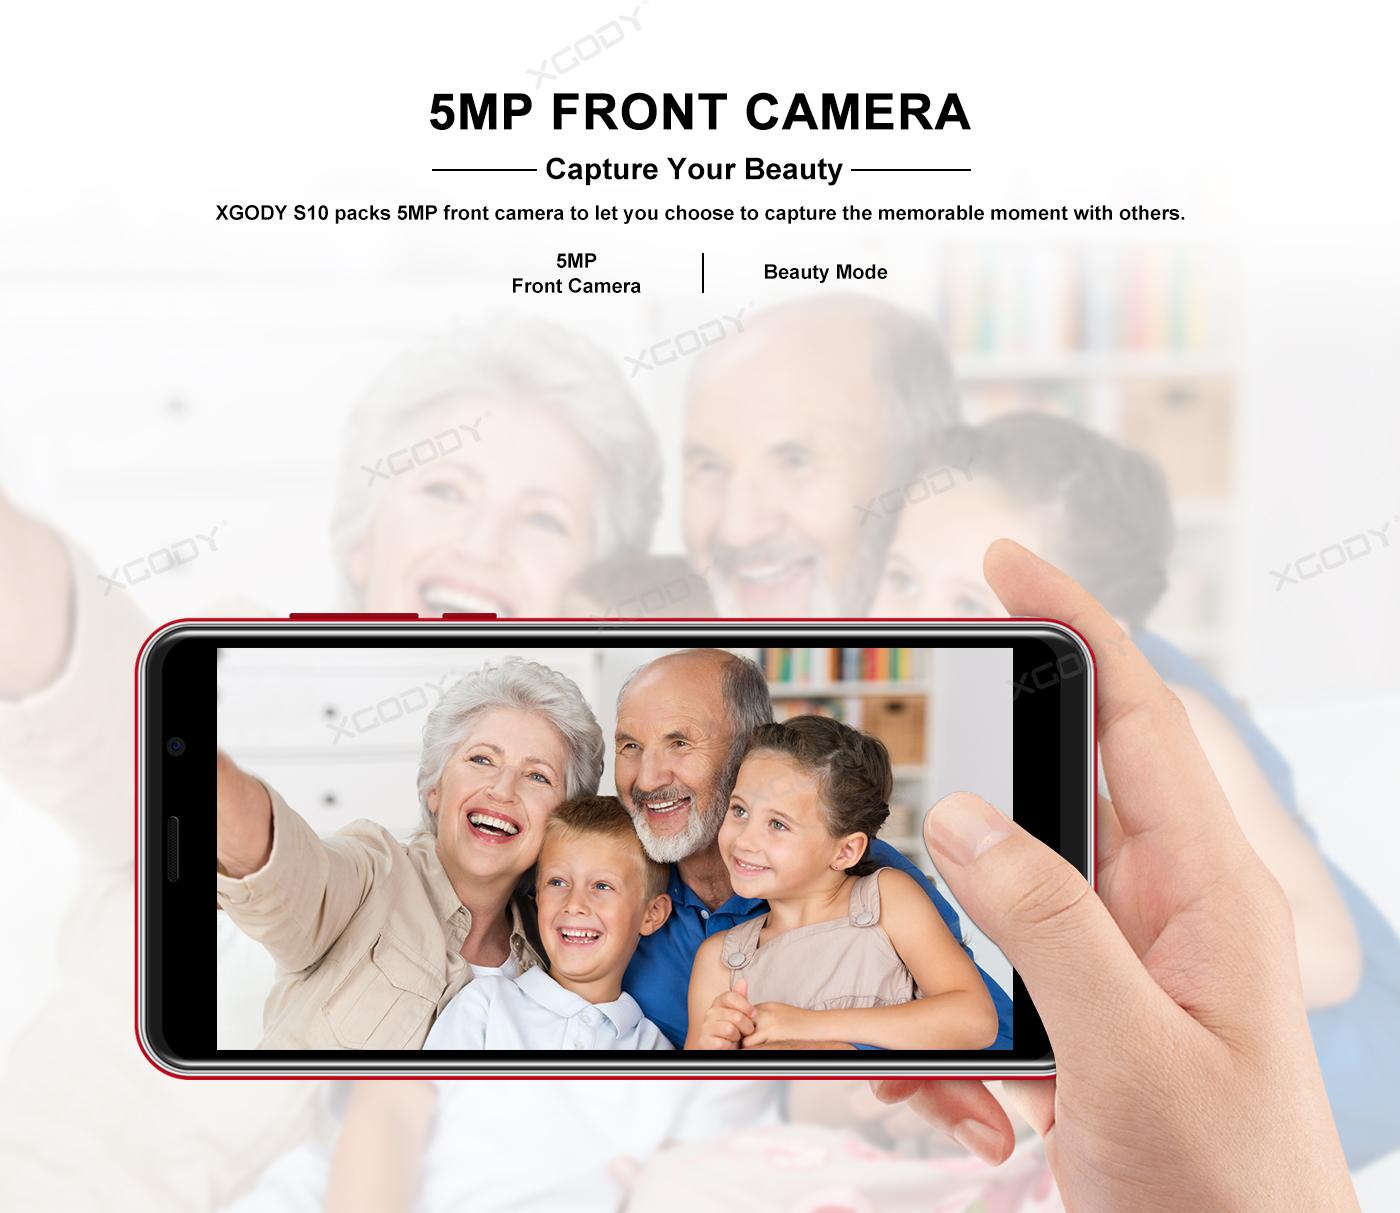 XGODY 5MP+5MP Cameras